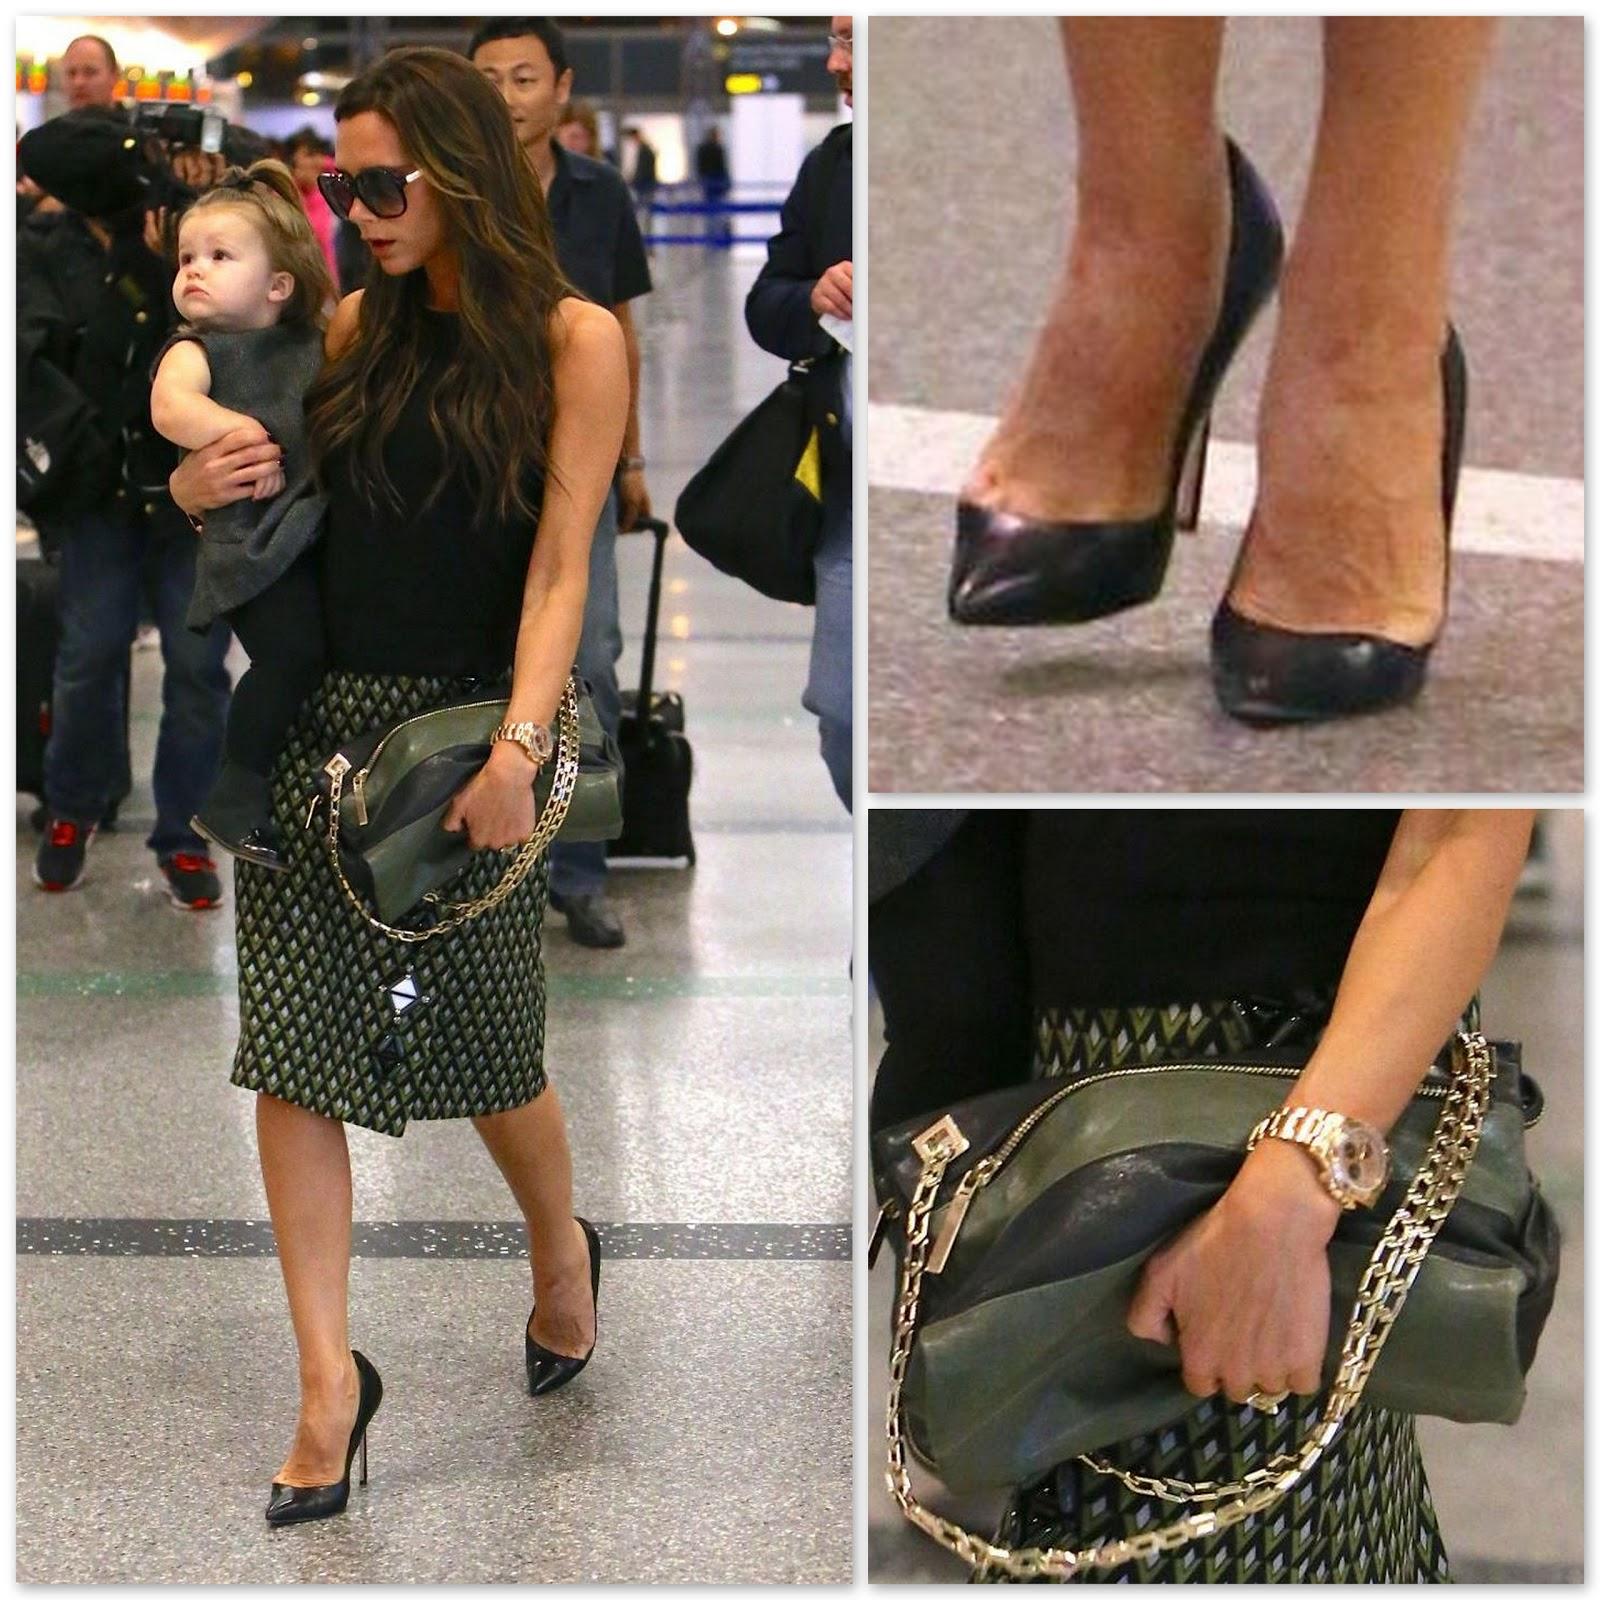 http://3.bp.blogspot.com/-dJISSz6Vugk/UIGOoq6_JII/AAAAAAAAIcg/32AI90EhKkw/s1600/best+dressed1.jpg